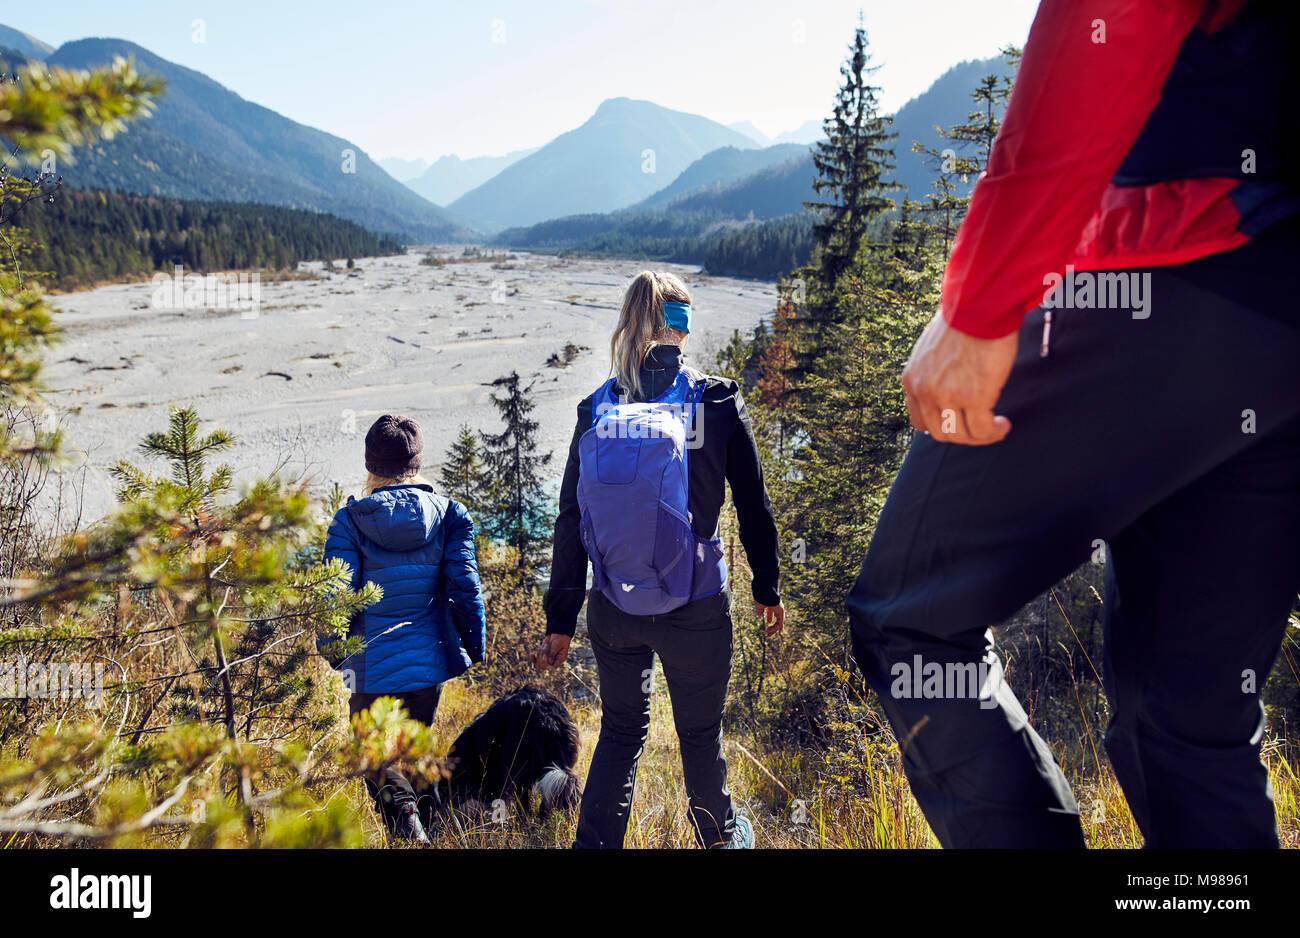 Alemania, Baviera, Karwendel, un grupo de amigos, senderismo en la montaña Imagen De Stock